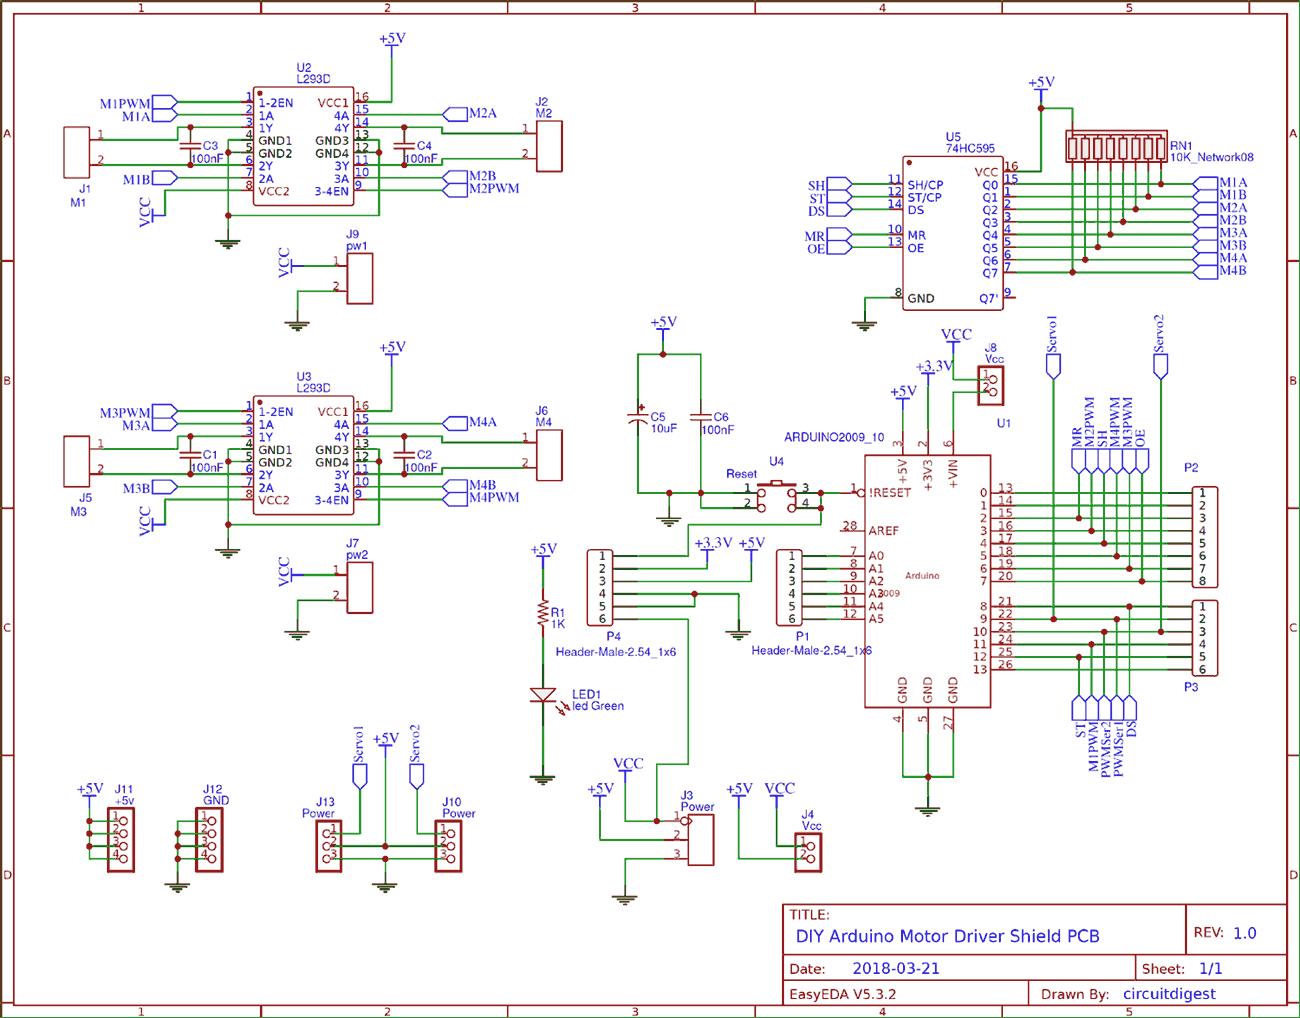 circuit diagram for diy arduino motor driver shield pcb [ 1300 x 1018 Pixel ]